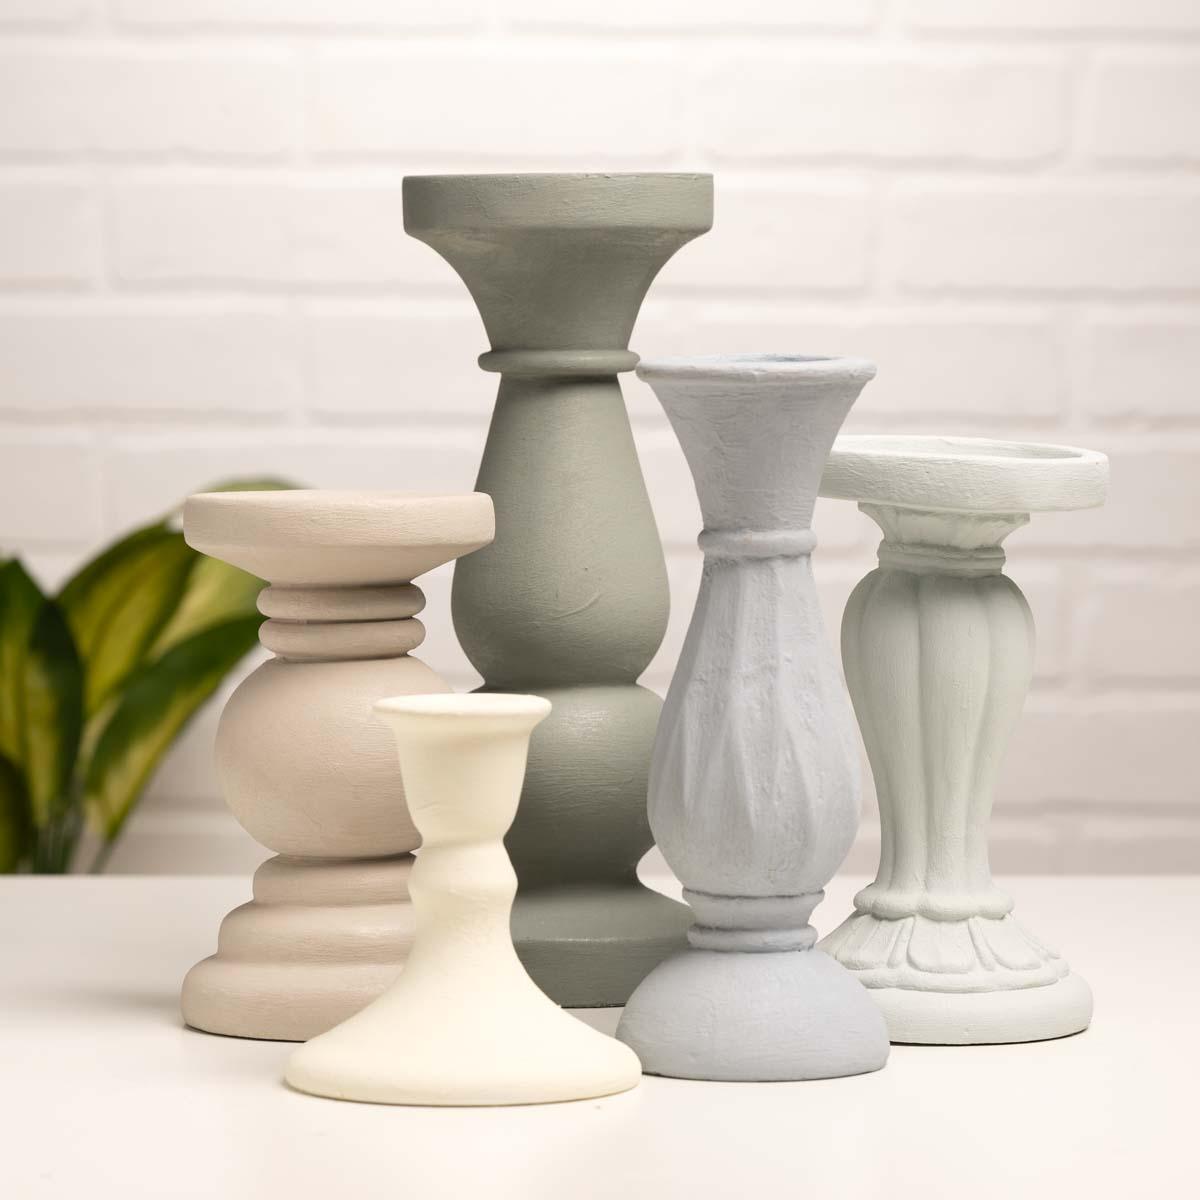 FolkArt ® Terra Cotta™ Acrylic Paint - Clay Pot, 2 oz. - 7019